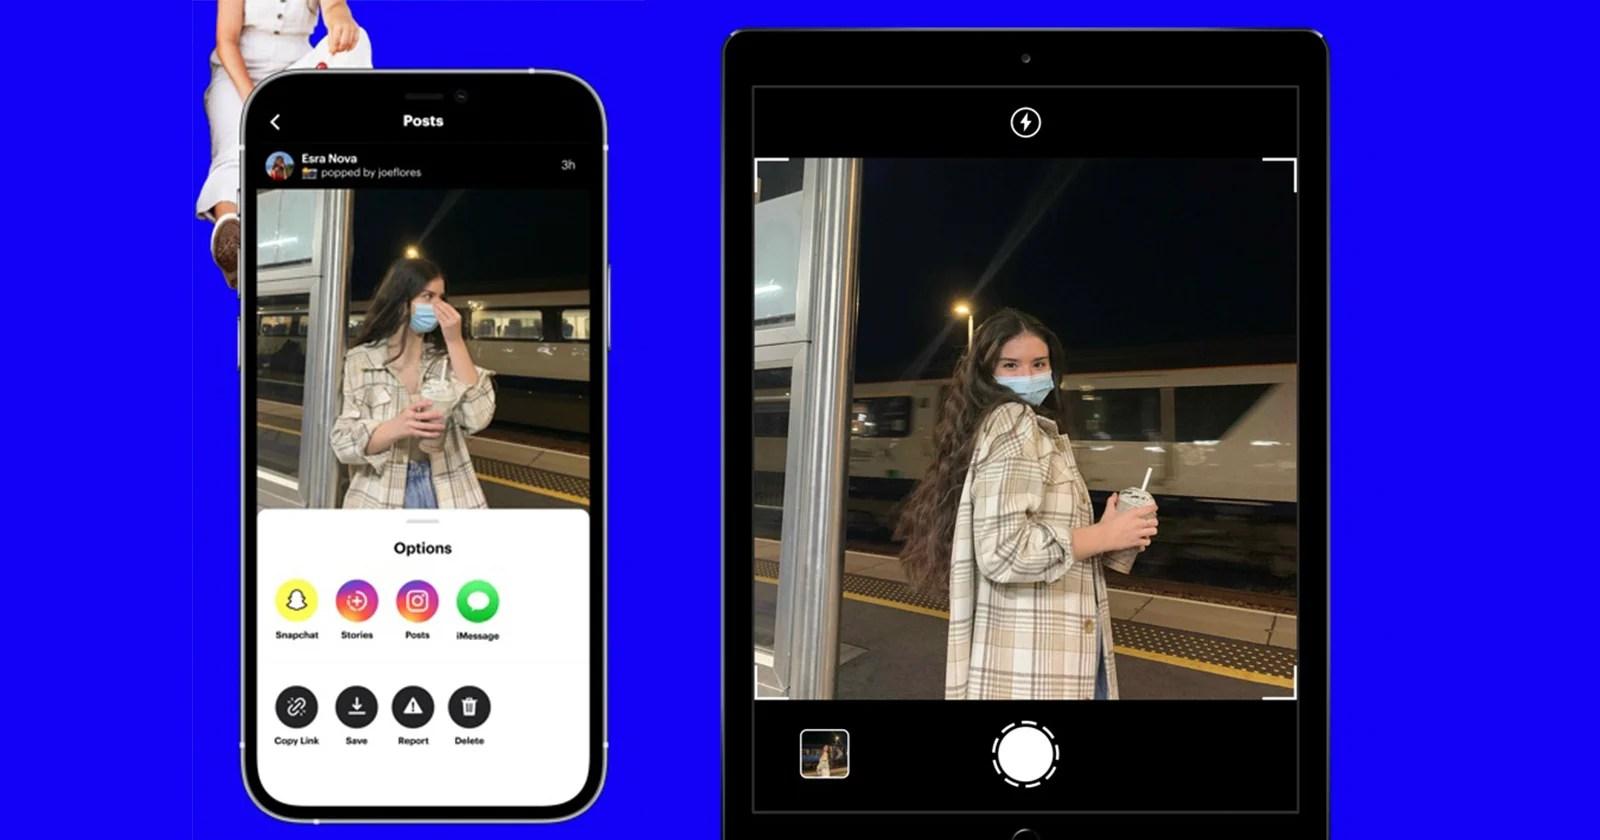 App che vieta i selfie, consente solo foto di altri palloncini in popolarità